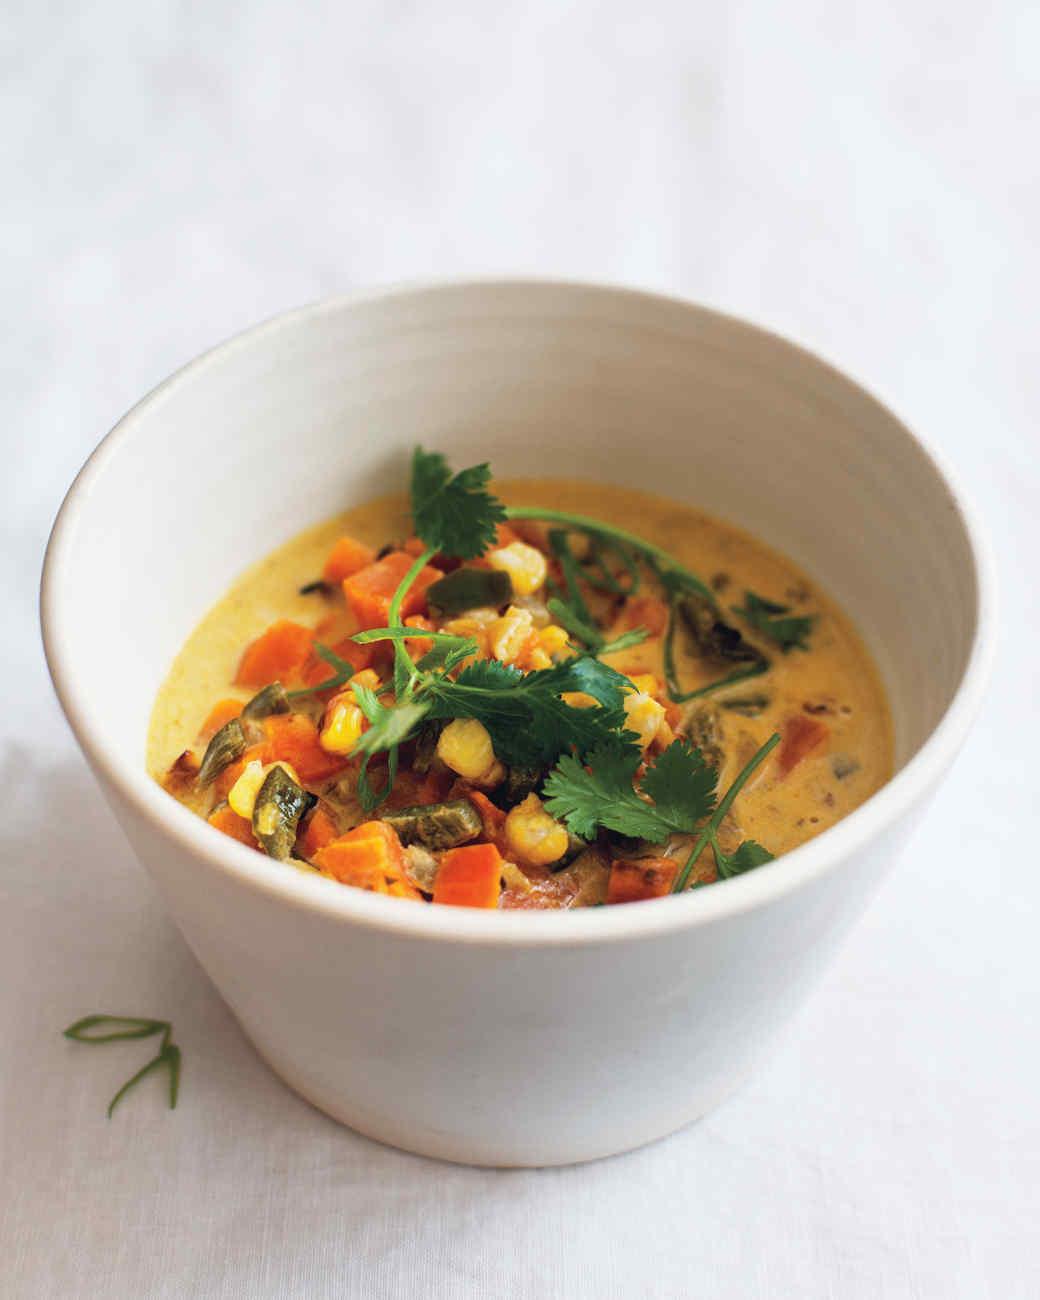 sweet-potato-soup-mbs109492.jpg